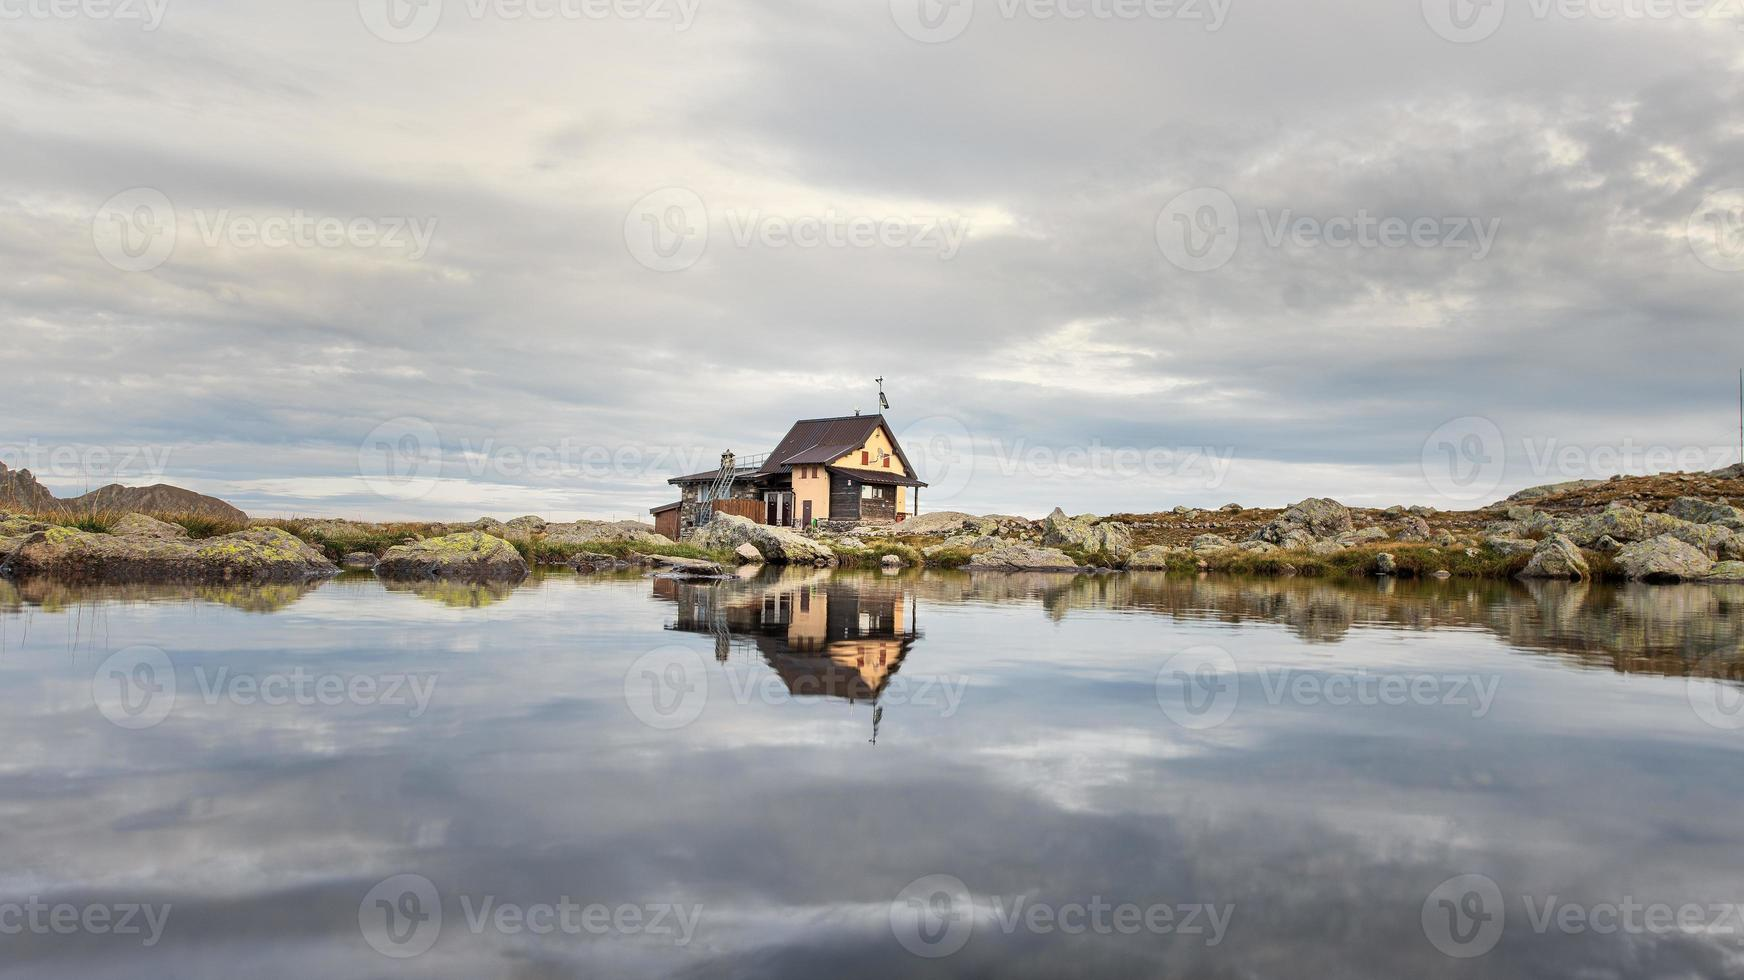 petite cabane alpine reflétée dans le lac de montagne photo